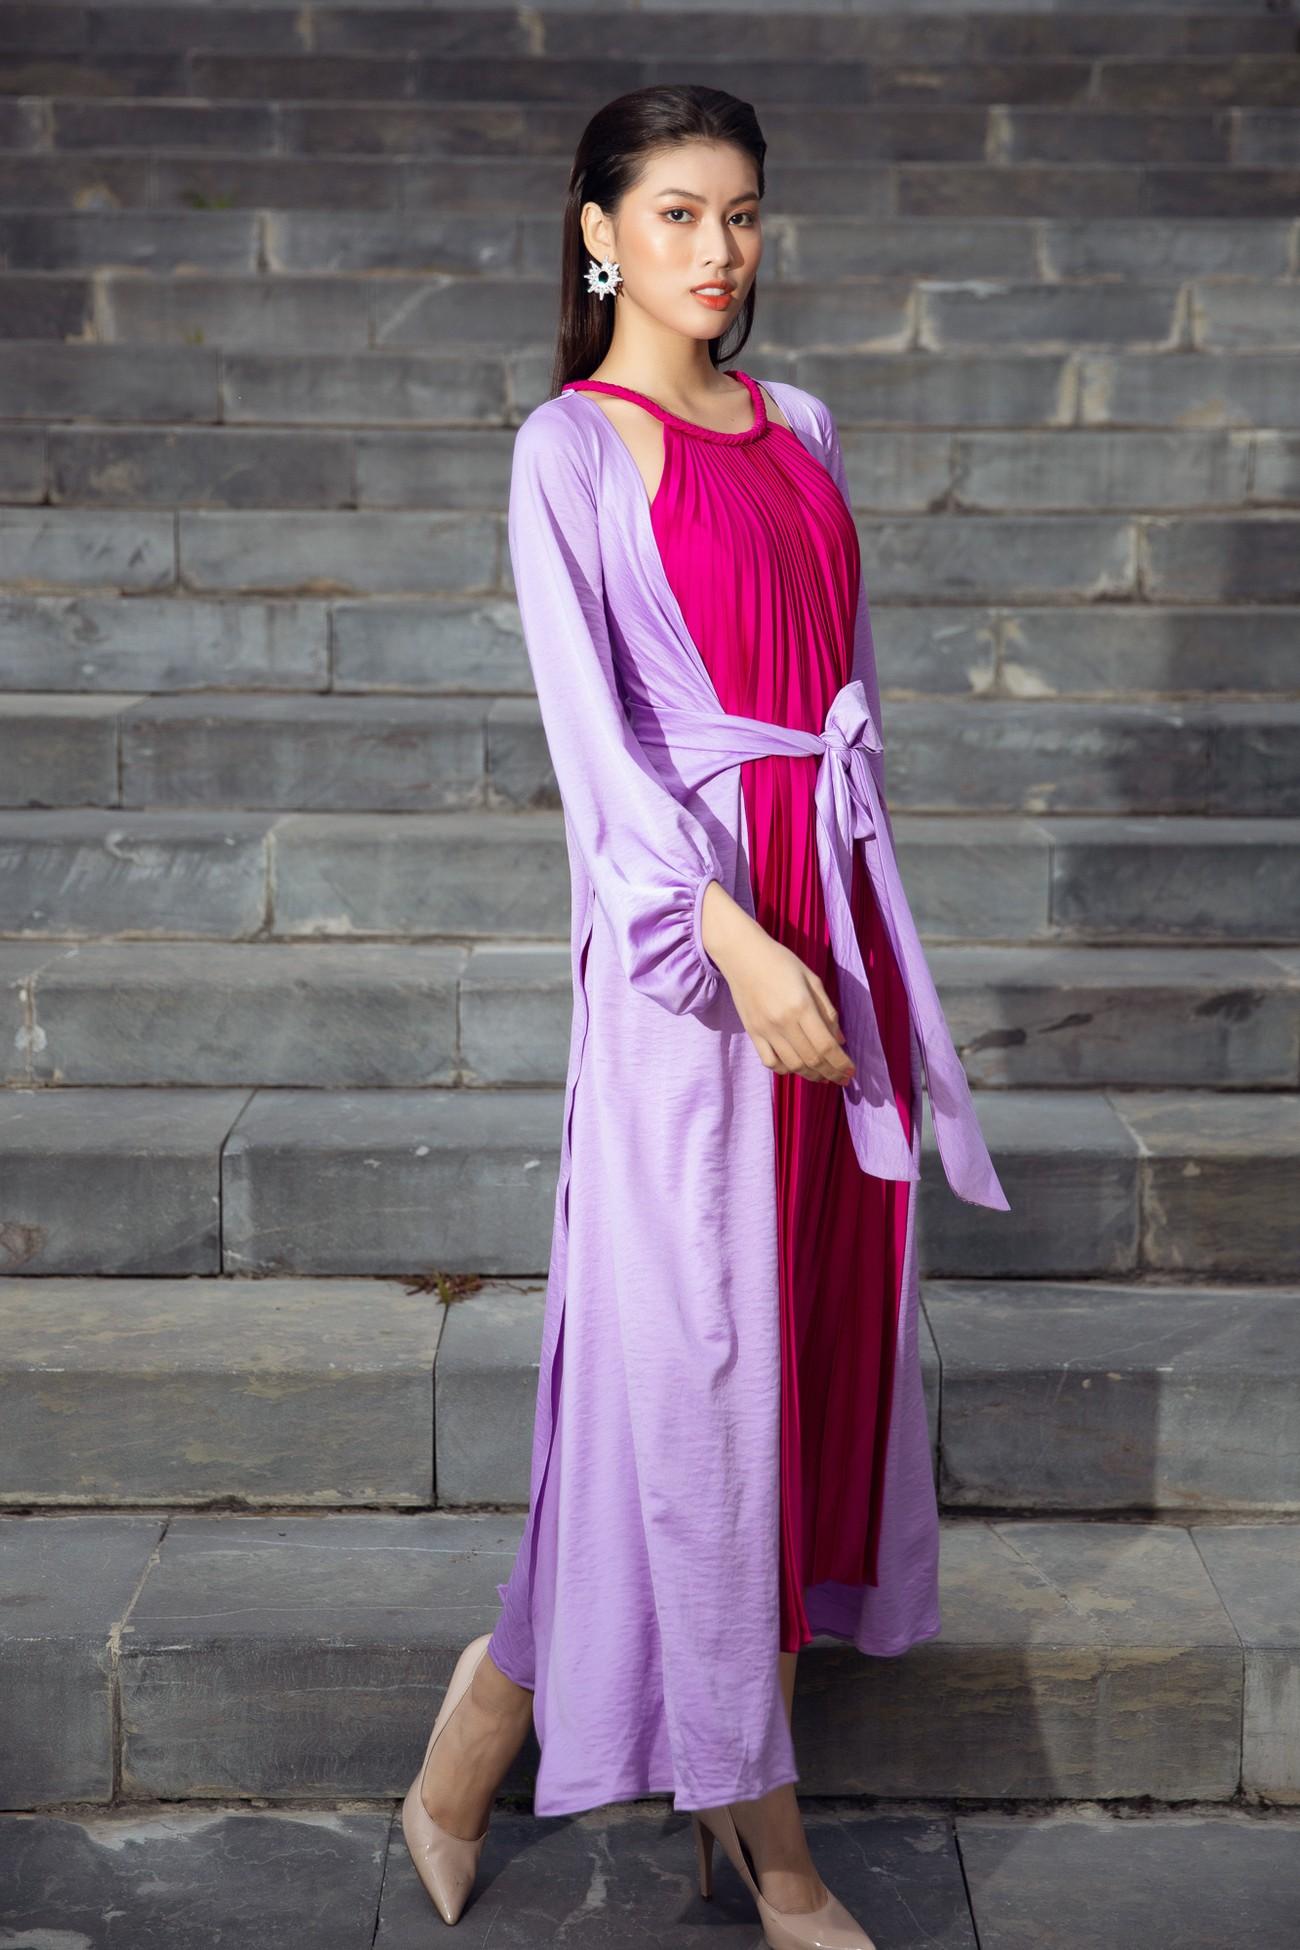 Tiểu Vy, Đỗ Mỹ Linh cùng dàn hậu mặc váy yếm quyến rũ giữa tiết trời lạnh giá ảnh 10